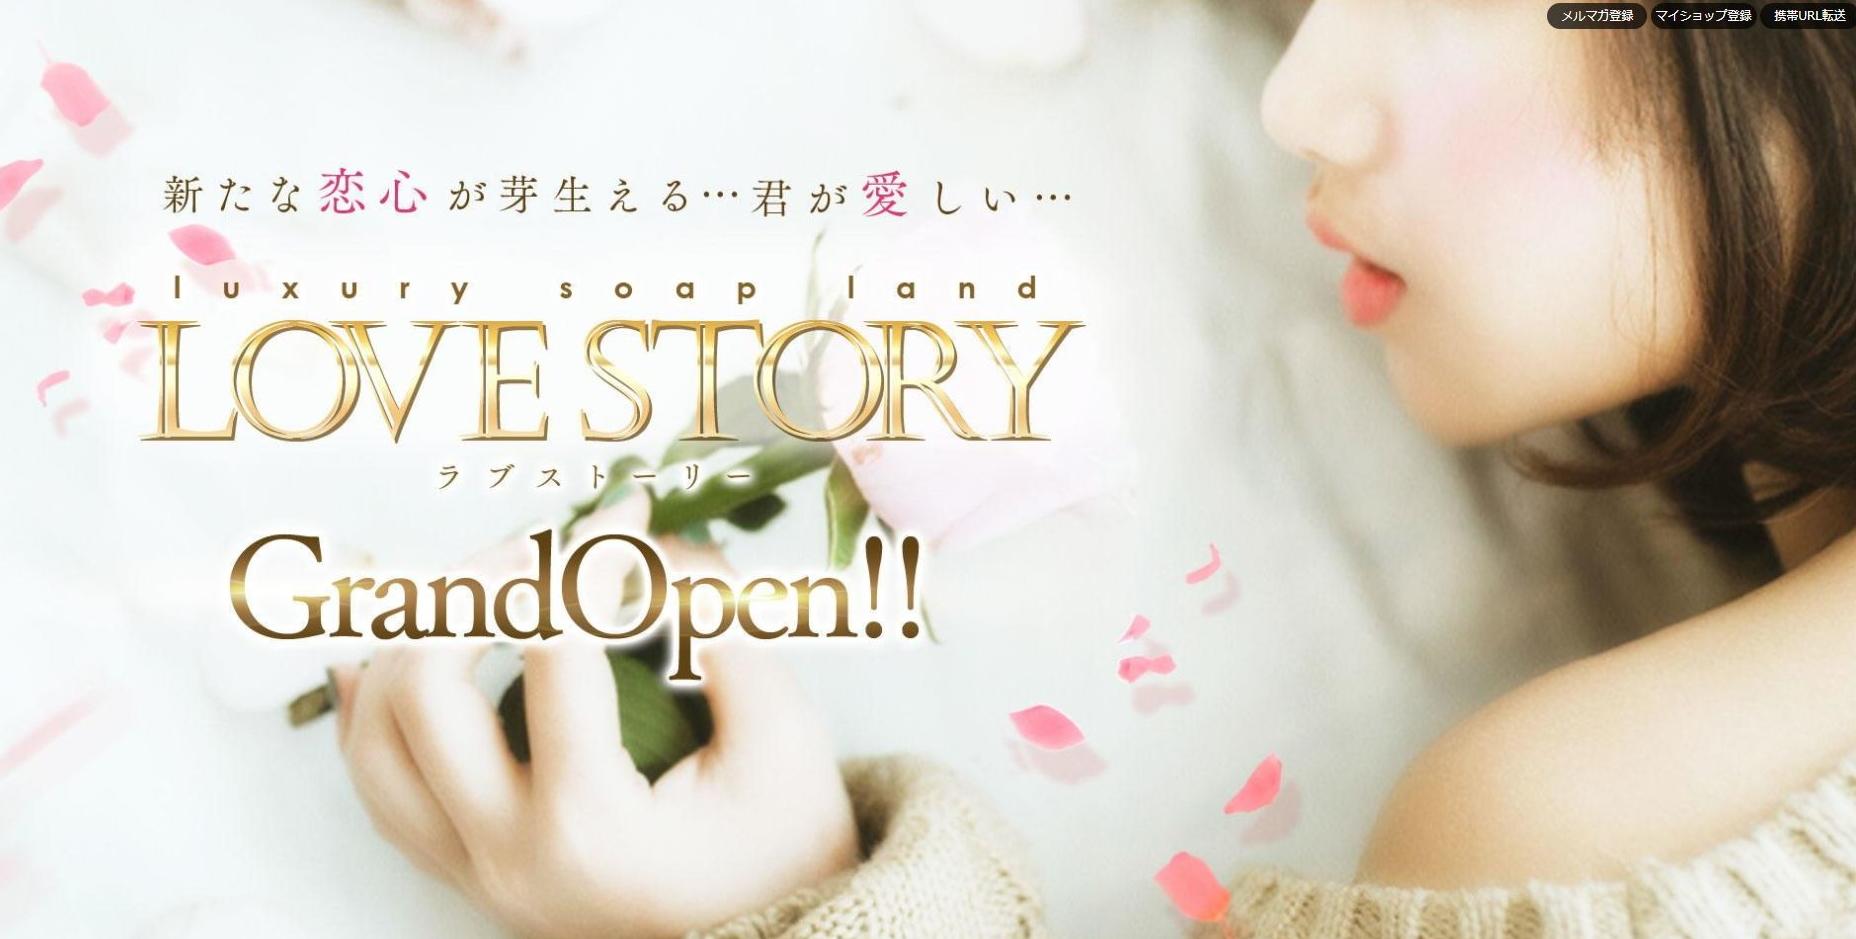 吉原ソープランド【LOVE STORY ラブストーリー】